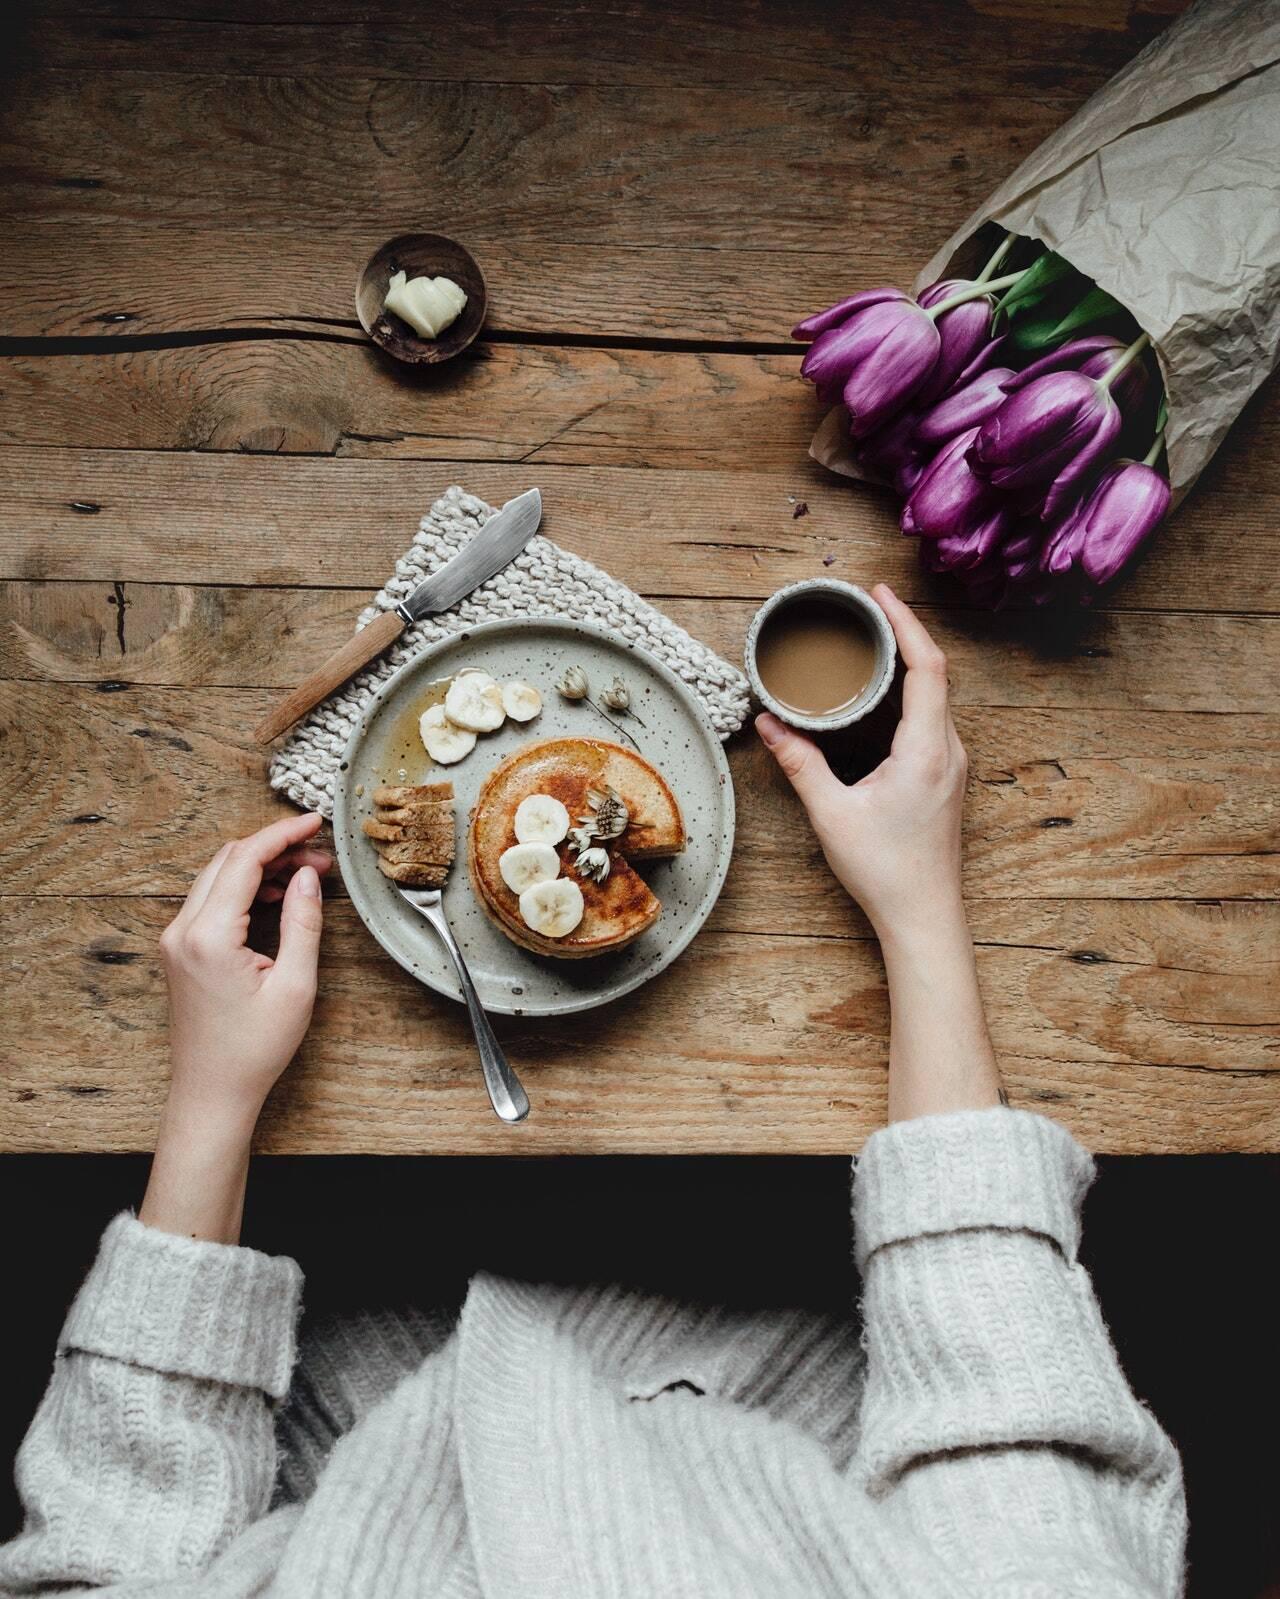 2 colheres de sopa de açúcar; 1 xícara de chá de farinha de trigo; ½ xícara de chá de leite; 1 colher de sopa de vinagre de maçã; 1 unidade de ovo; 1 colher de sopa de fermento de bolo; 1 pitada de sal; 2 unidades de maçãs pequenas; 1 colher de chá de Extrato de Baunilha; ½ unidade de limão e 1 colher de sopa de manteiga para untar a frigideira. (Foto: Pexels)